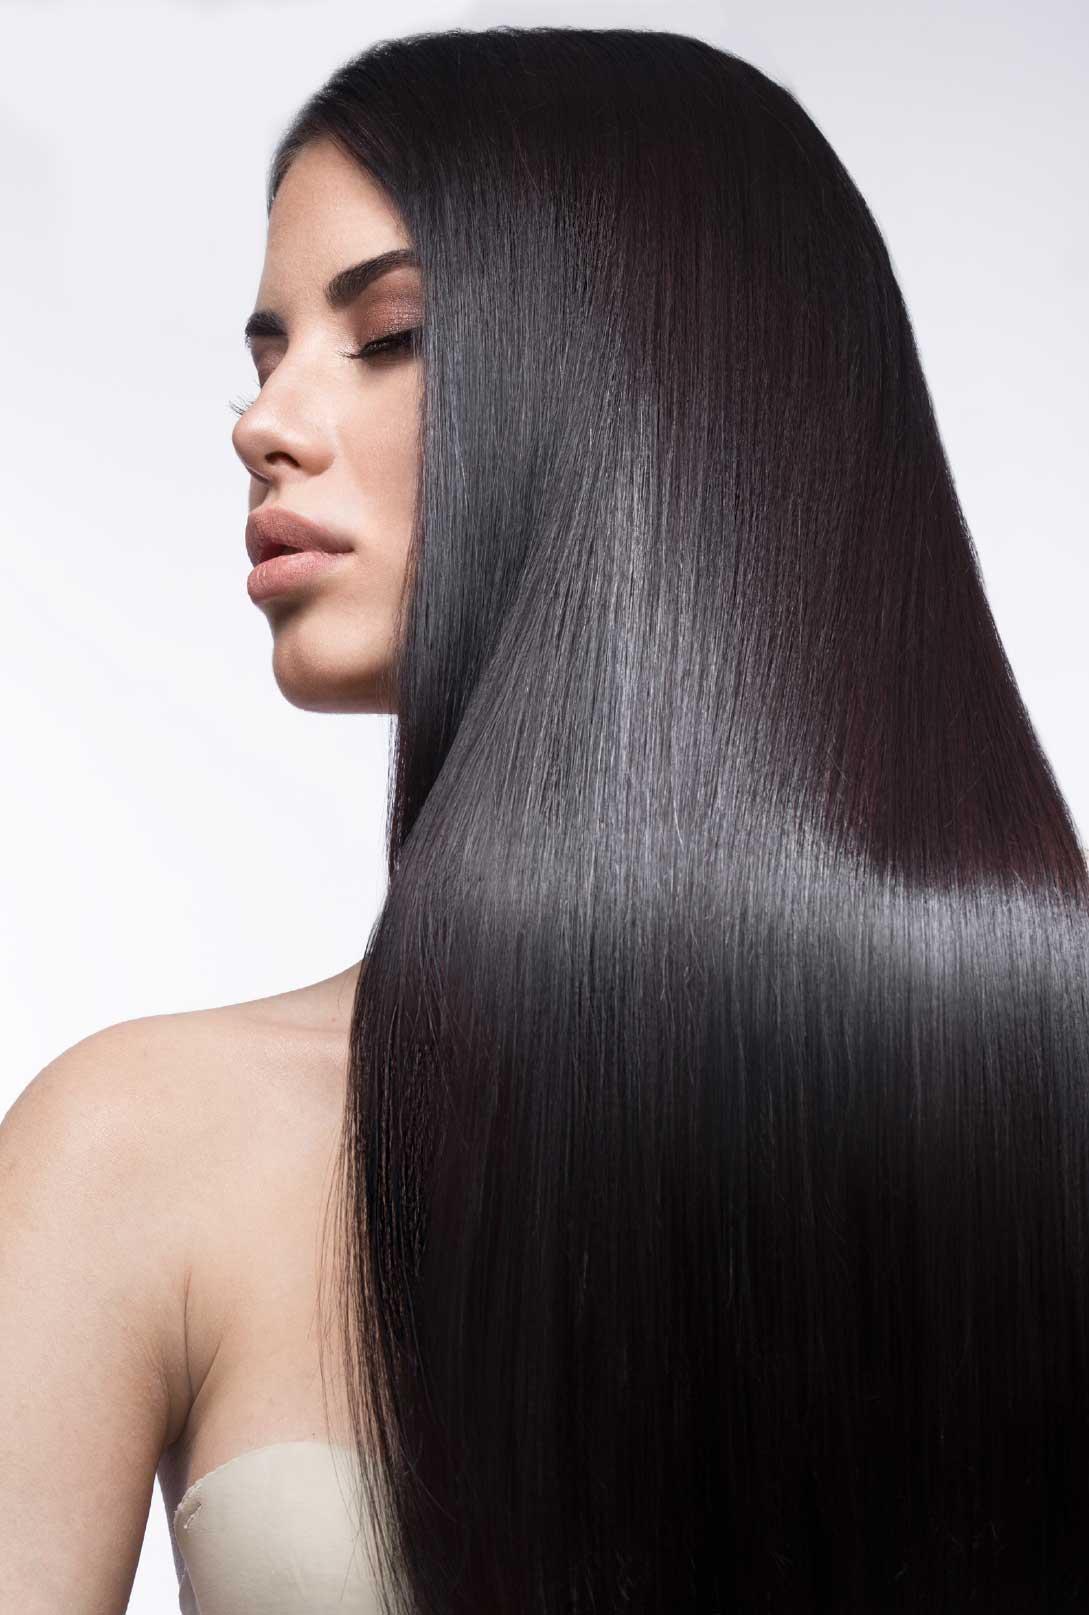 crna duga ravna kosa nakon tretmana Kosta hair proizvodima